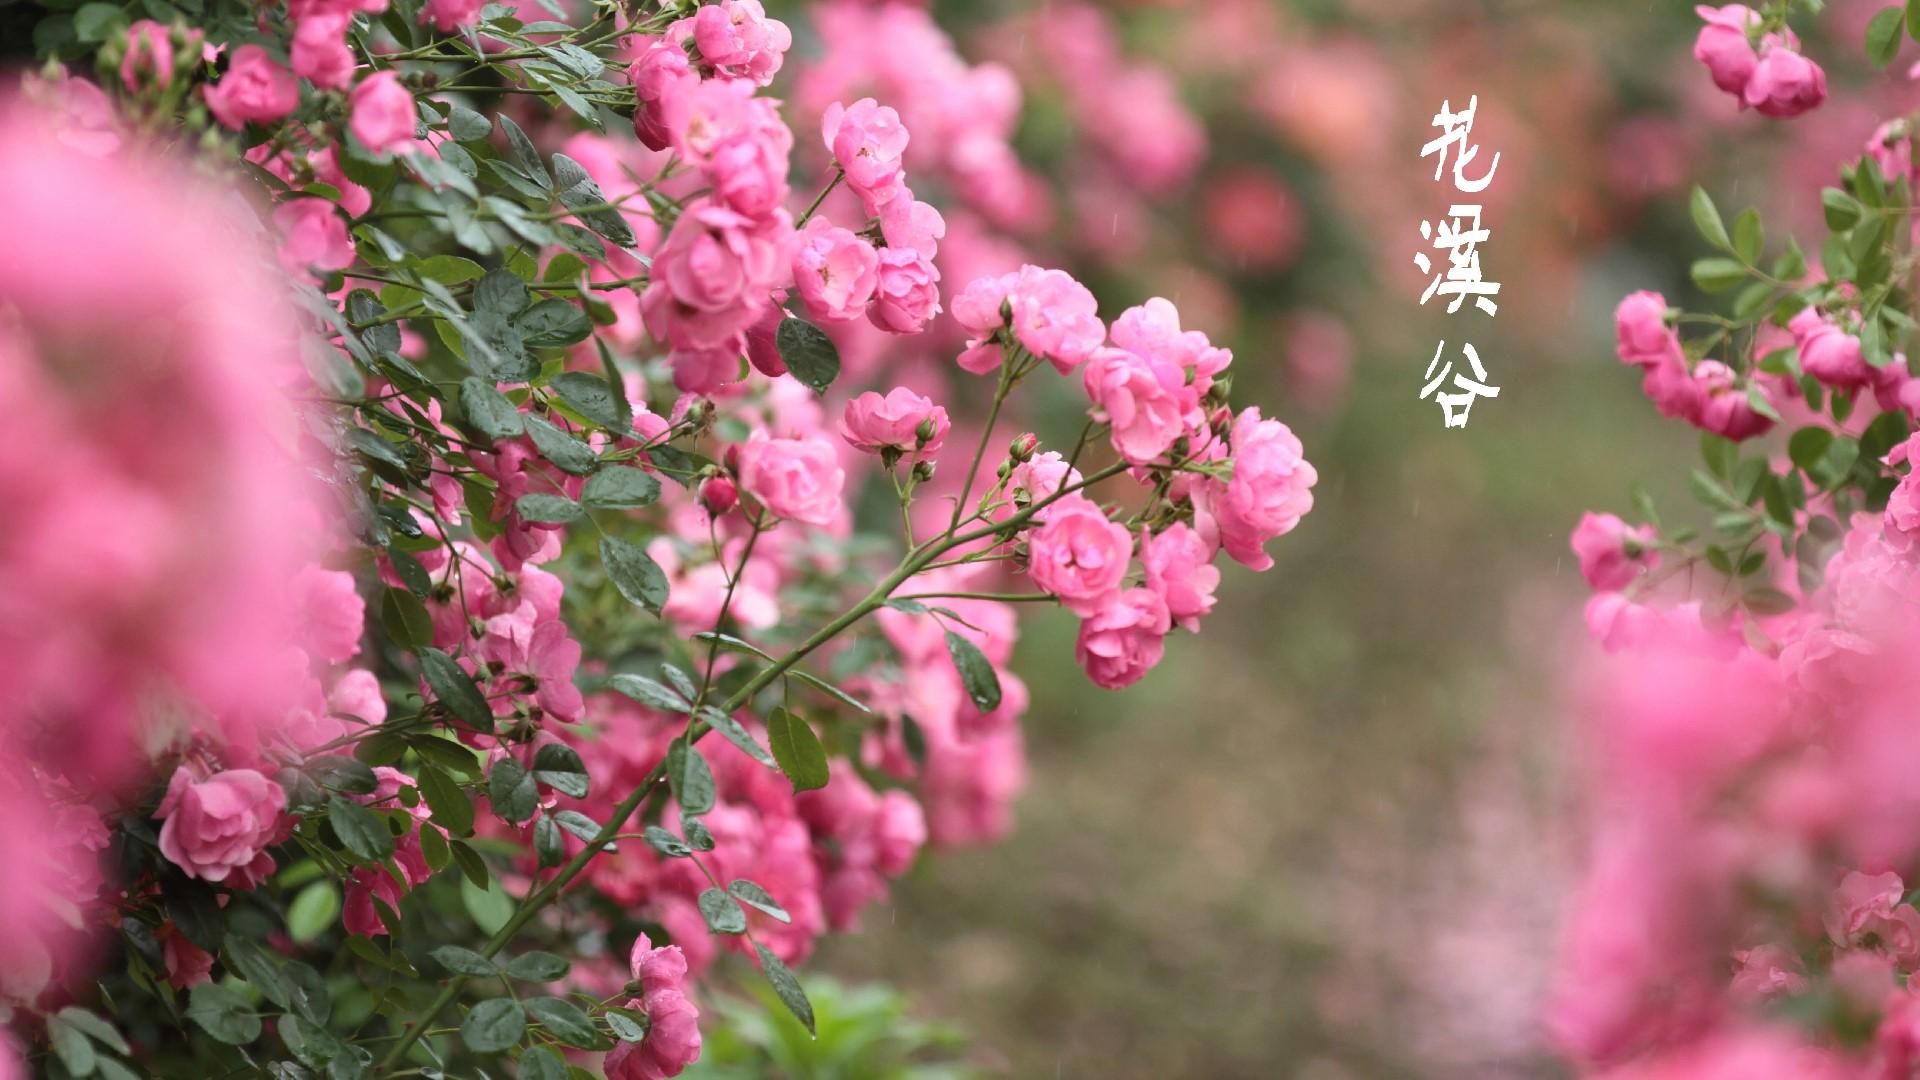 畲乡。花溪谷 - 宁国论坛 - a158e0638f080c0.jpg